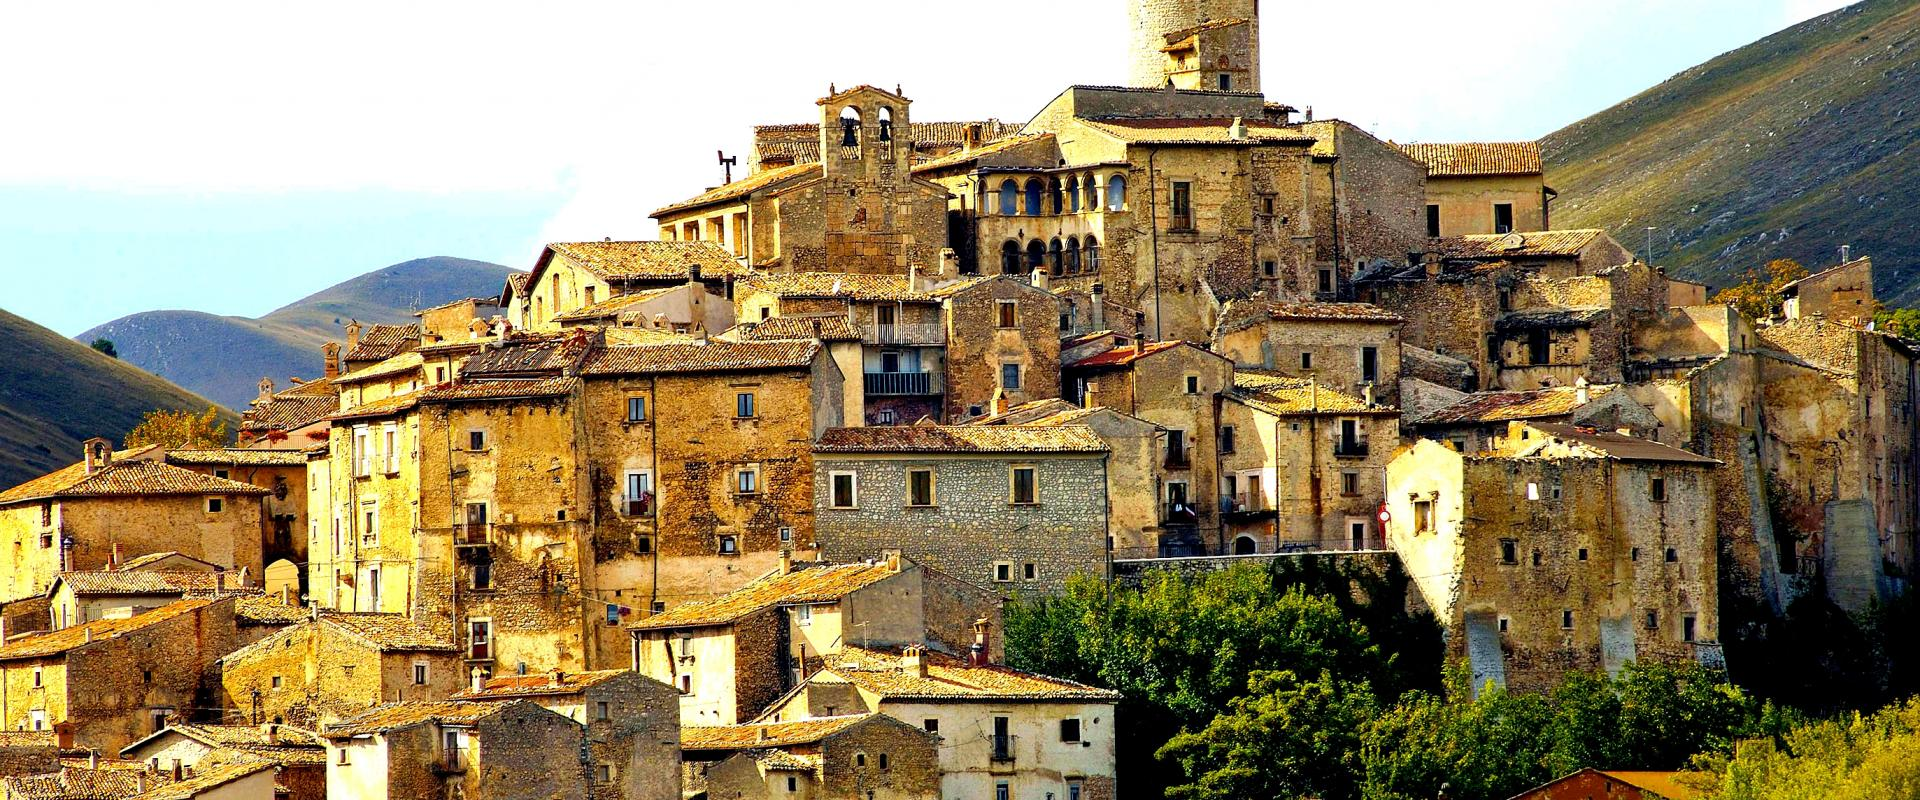 Visit of Santo Stefano di Sessanio Abruzzo